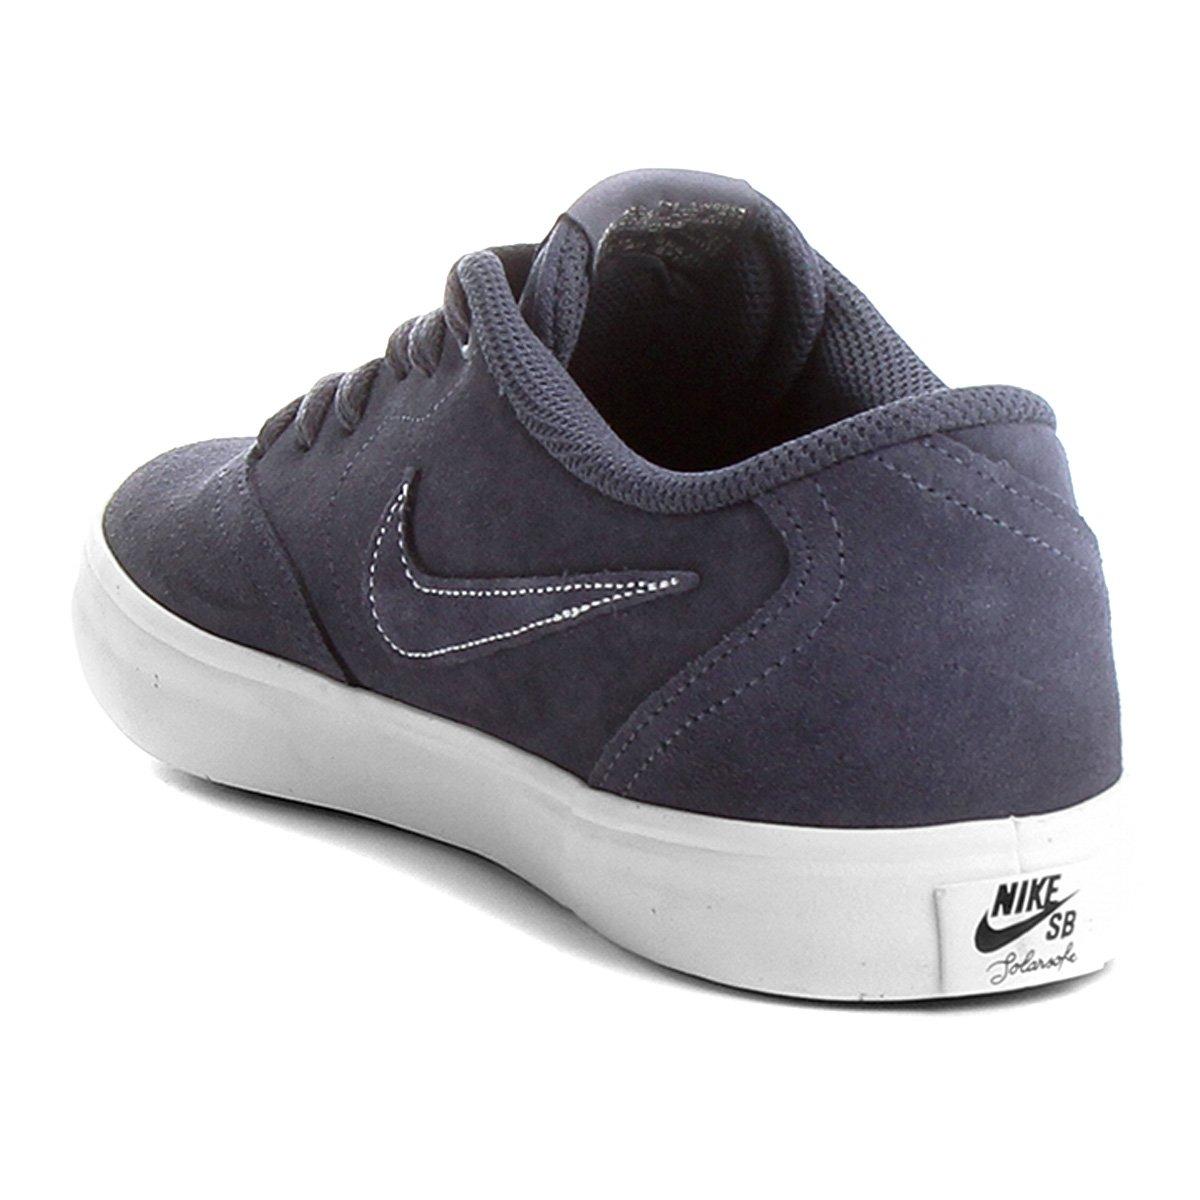 Tênis Nike Sb Check Solar Masculino - Branco e Azul - Compre Agora ... d5796e25870d0